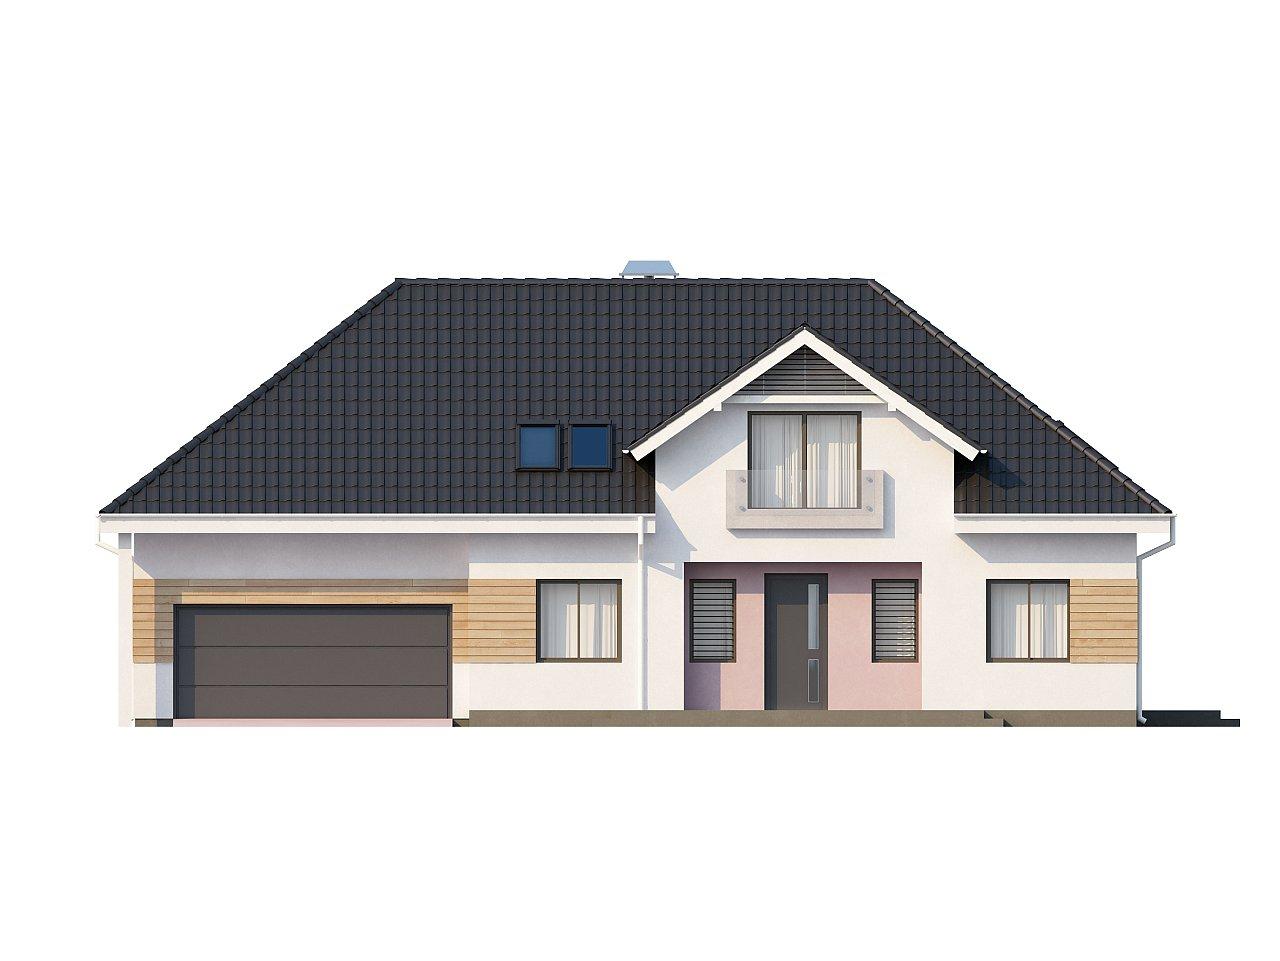 Комфортный стильный дом с большим гаражом для двух автомобилей и дополнительной комнатой над ним. 3